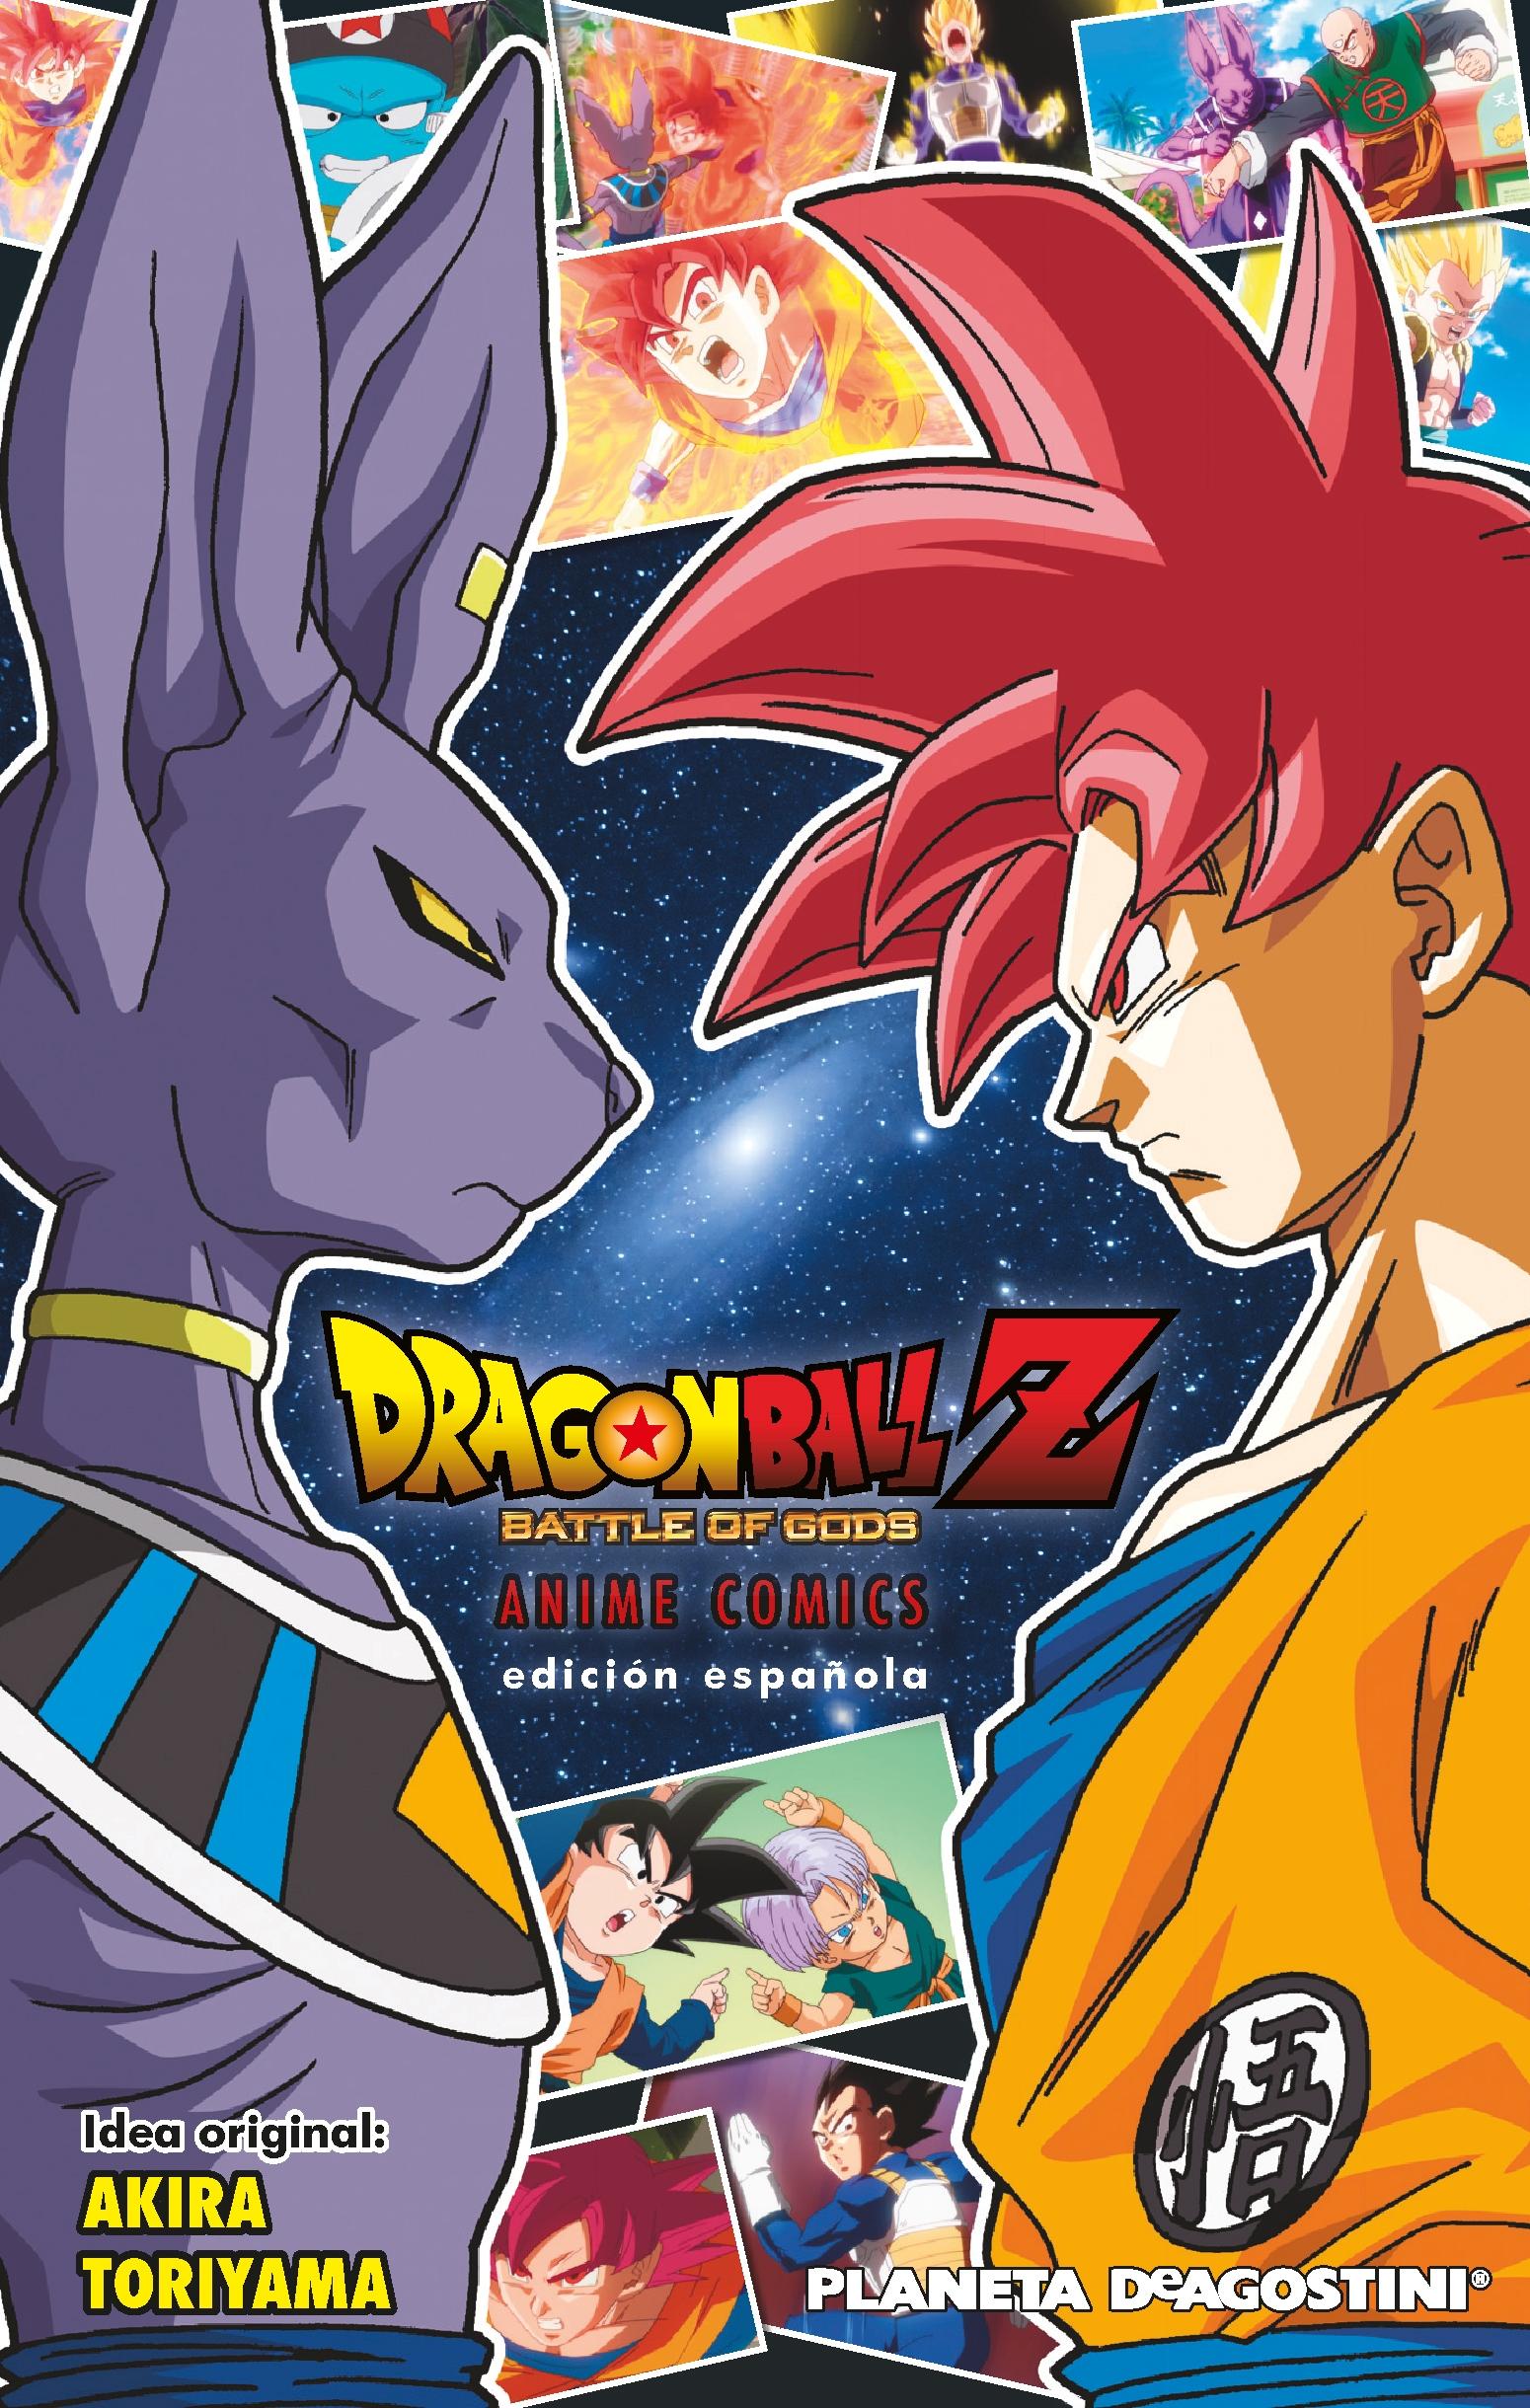 Dragon Ball Z La Batalla De Los Dioses Universo Funko Planeta De